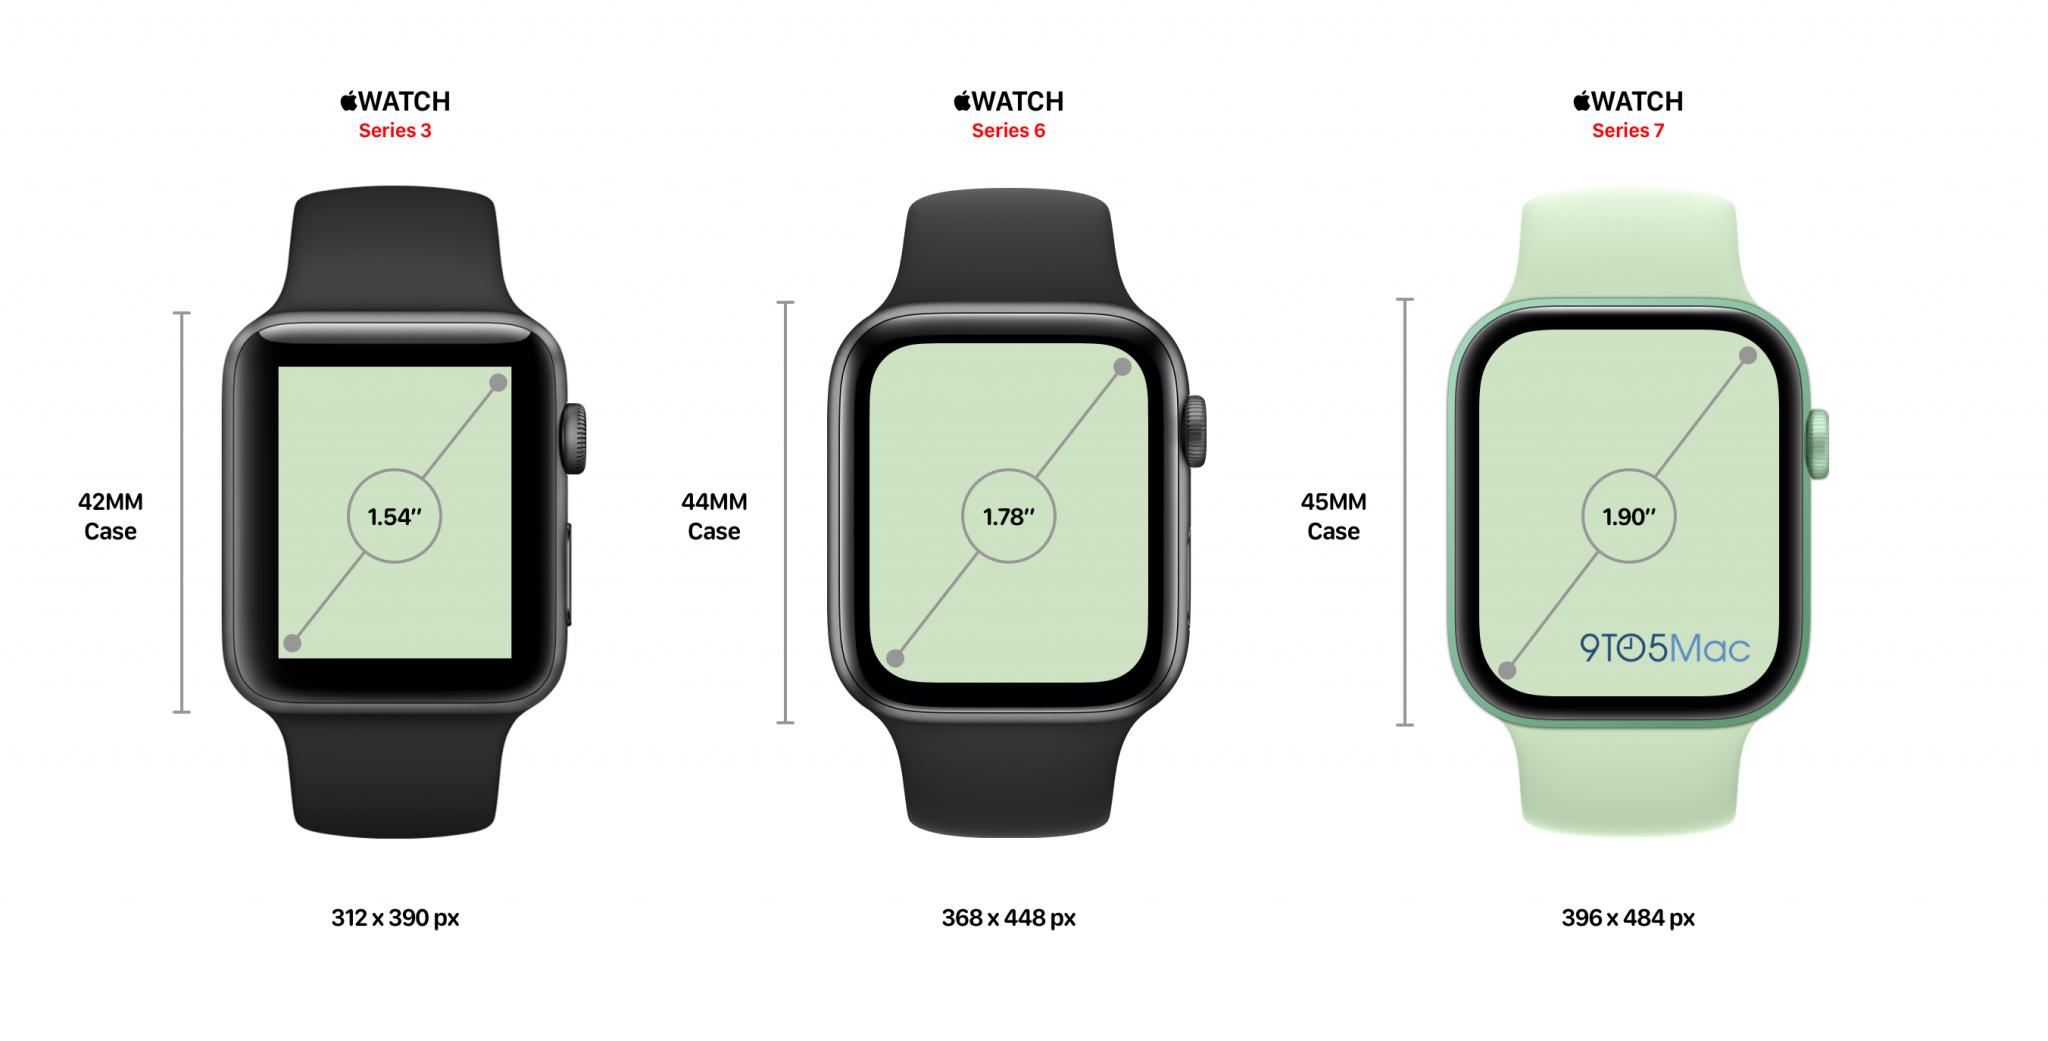 Mockup der unterschiedlichen Displaygrößen der Apple Watch Series 3, Series 6 und Series 7